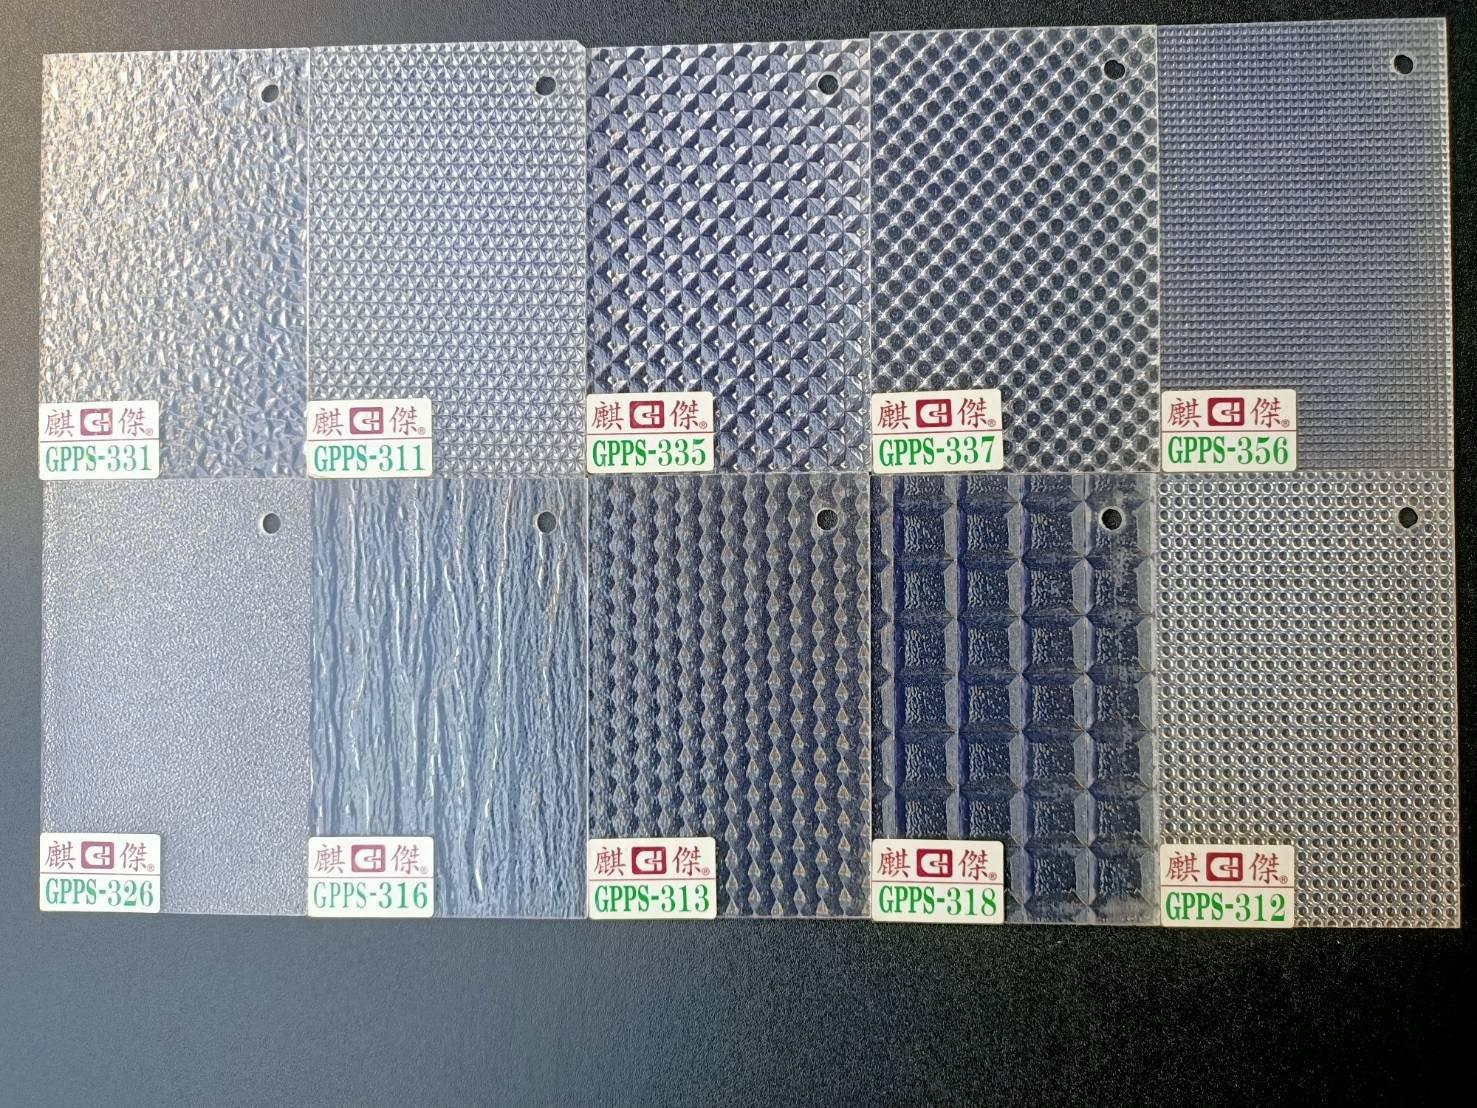 輕鋼架專用 3mm 壓克力板 晶晶板 透光板 GPPS 珍珠天花板 自然光 節能 環保 採光板 廚房天花板 亮面 防水